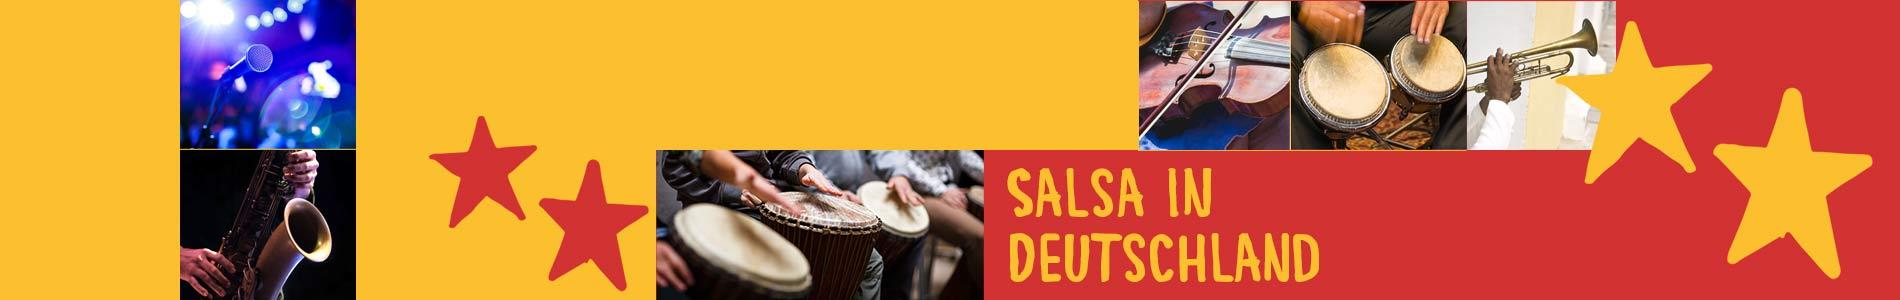 Salsa in Börtlingen – Salsa lernen und tanzen, Tanzkurse, Partys, Veranstaltungen